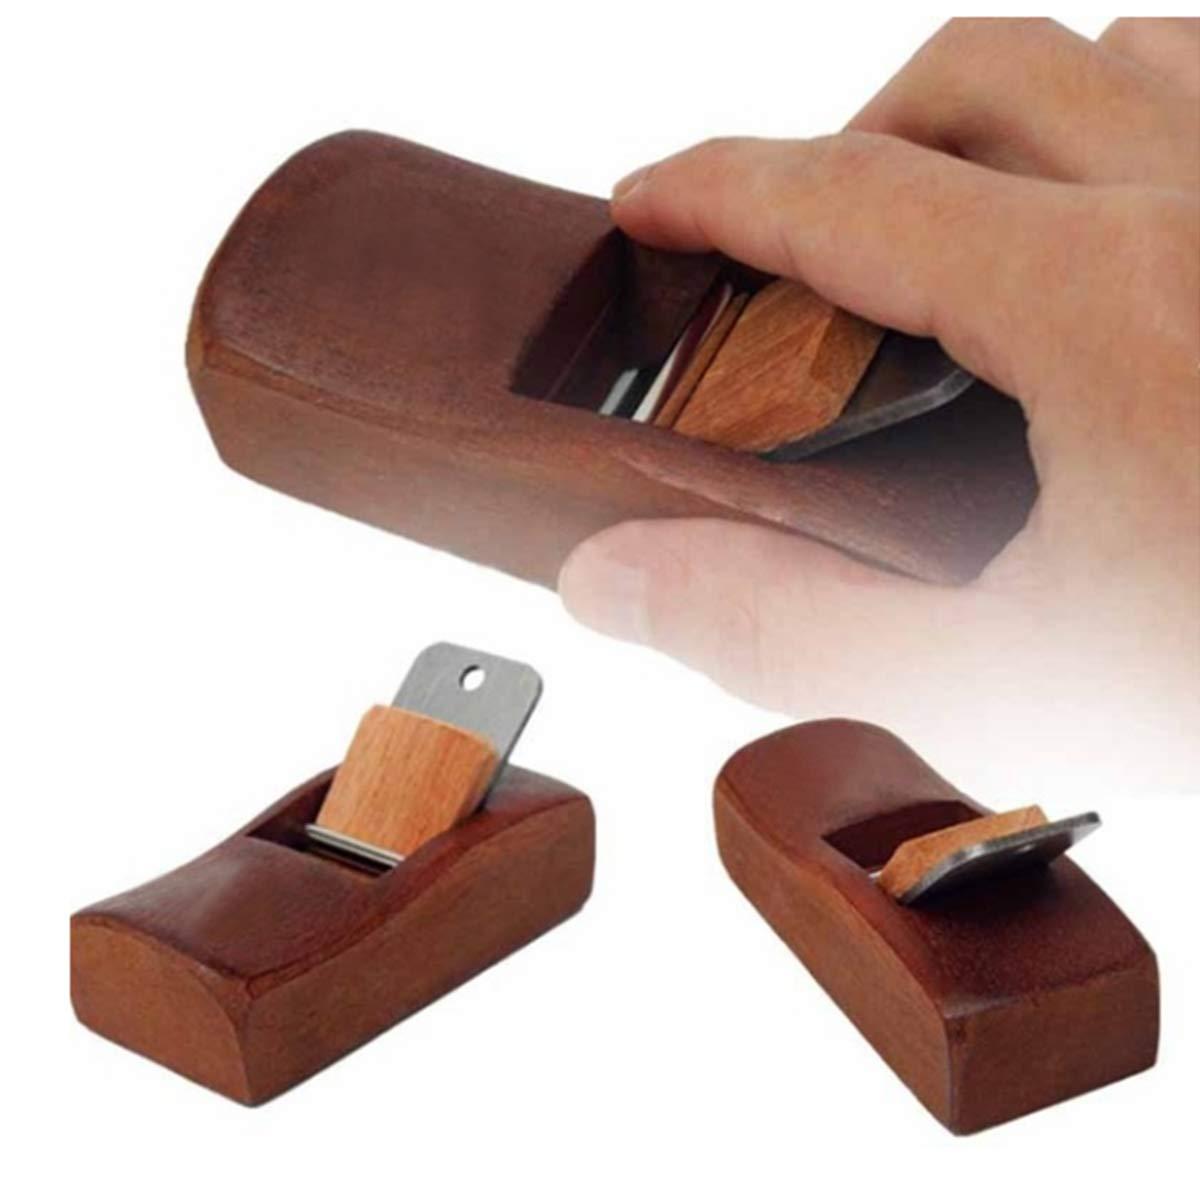 Donnagelia negro Mini bloque de madera para carpintero hoja afilada compacta y ajustable